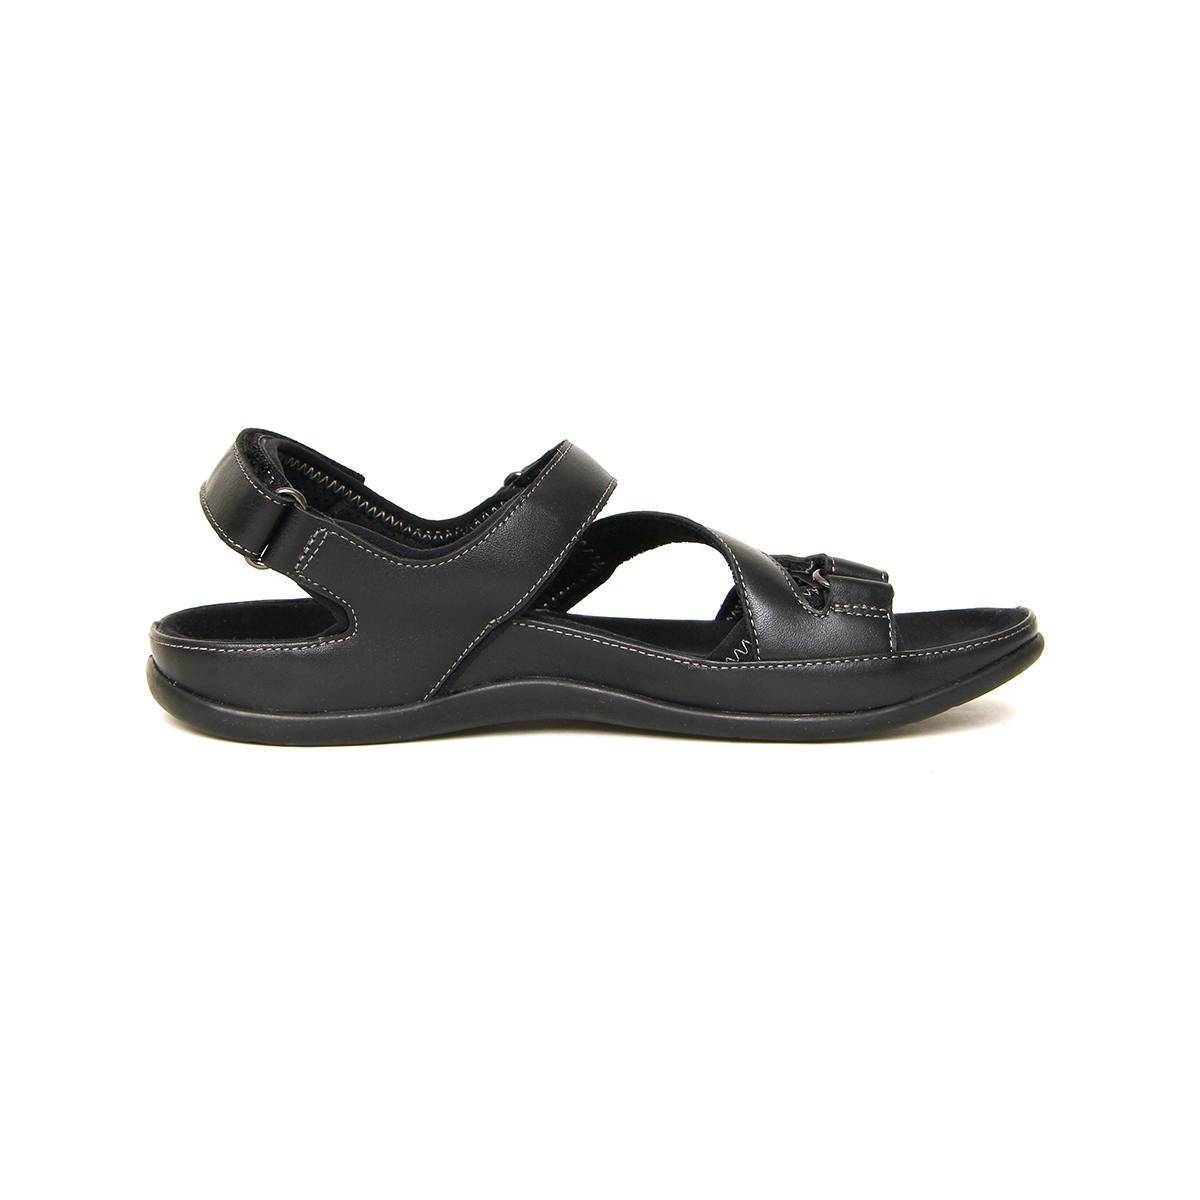 スニーカー感覚で歩き回れる「サンダル」|MONTANA (25-25.5cm) 独自開発の立体インソールで、スニーカーみたいに歩き回れる「サンダル」